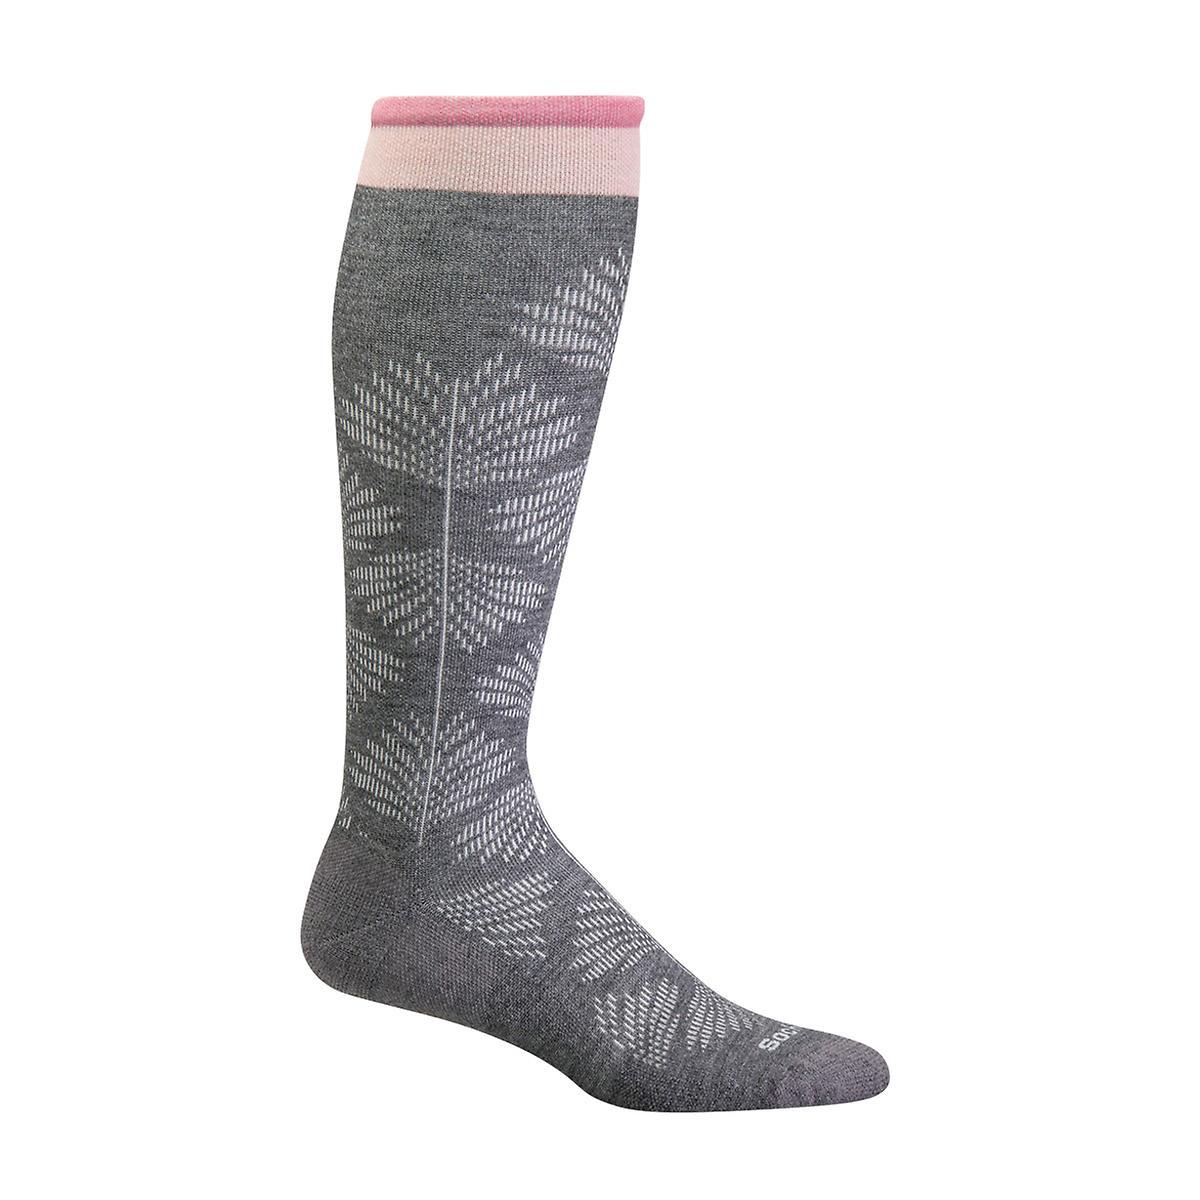 Floral Grey Compression Socks